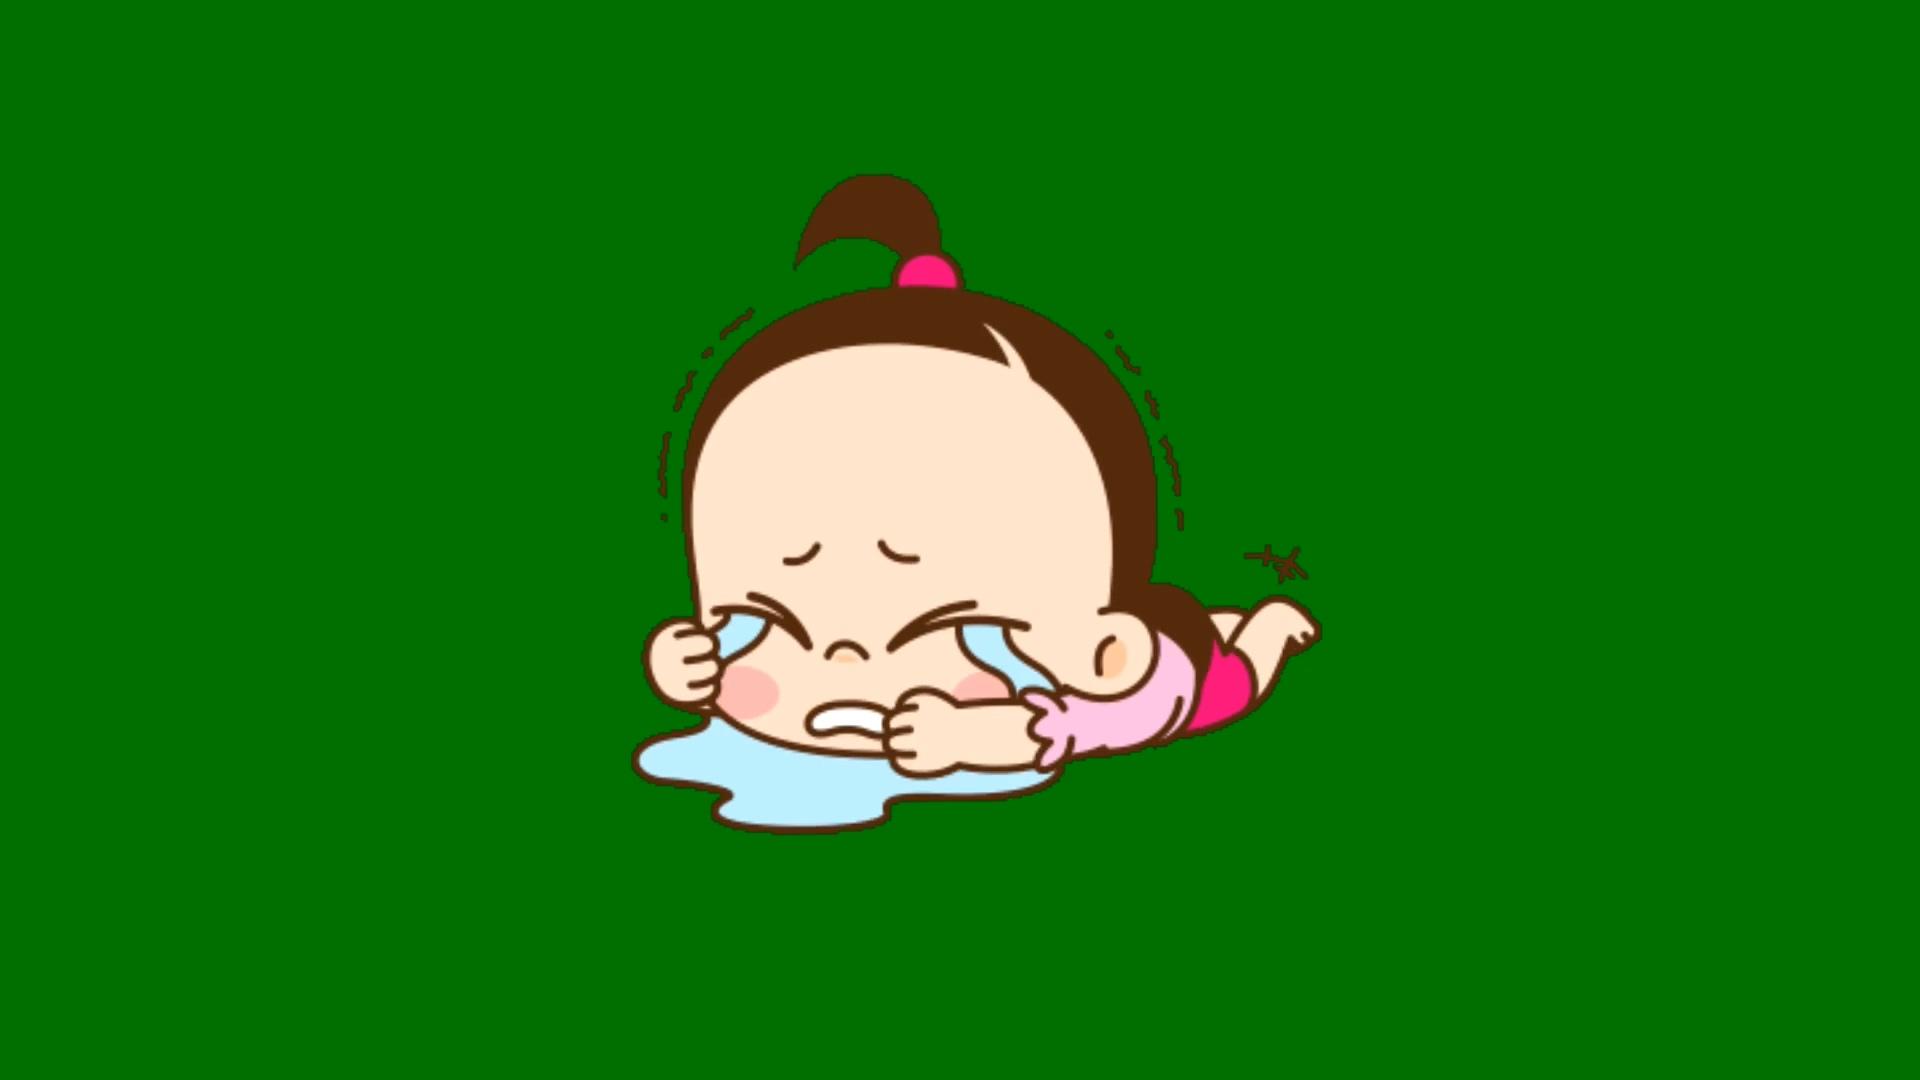 绿屏抠像哭闹的小女孩